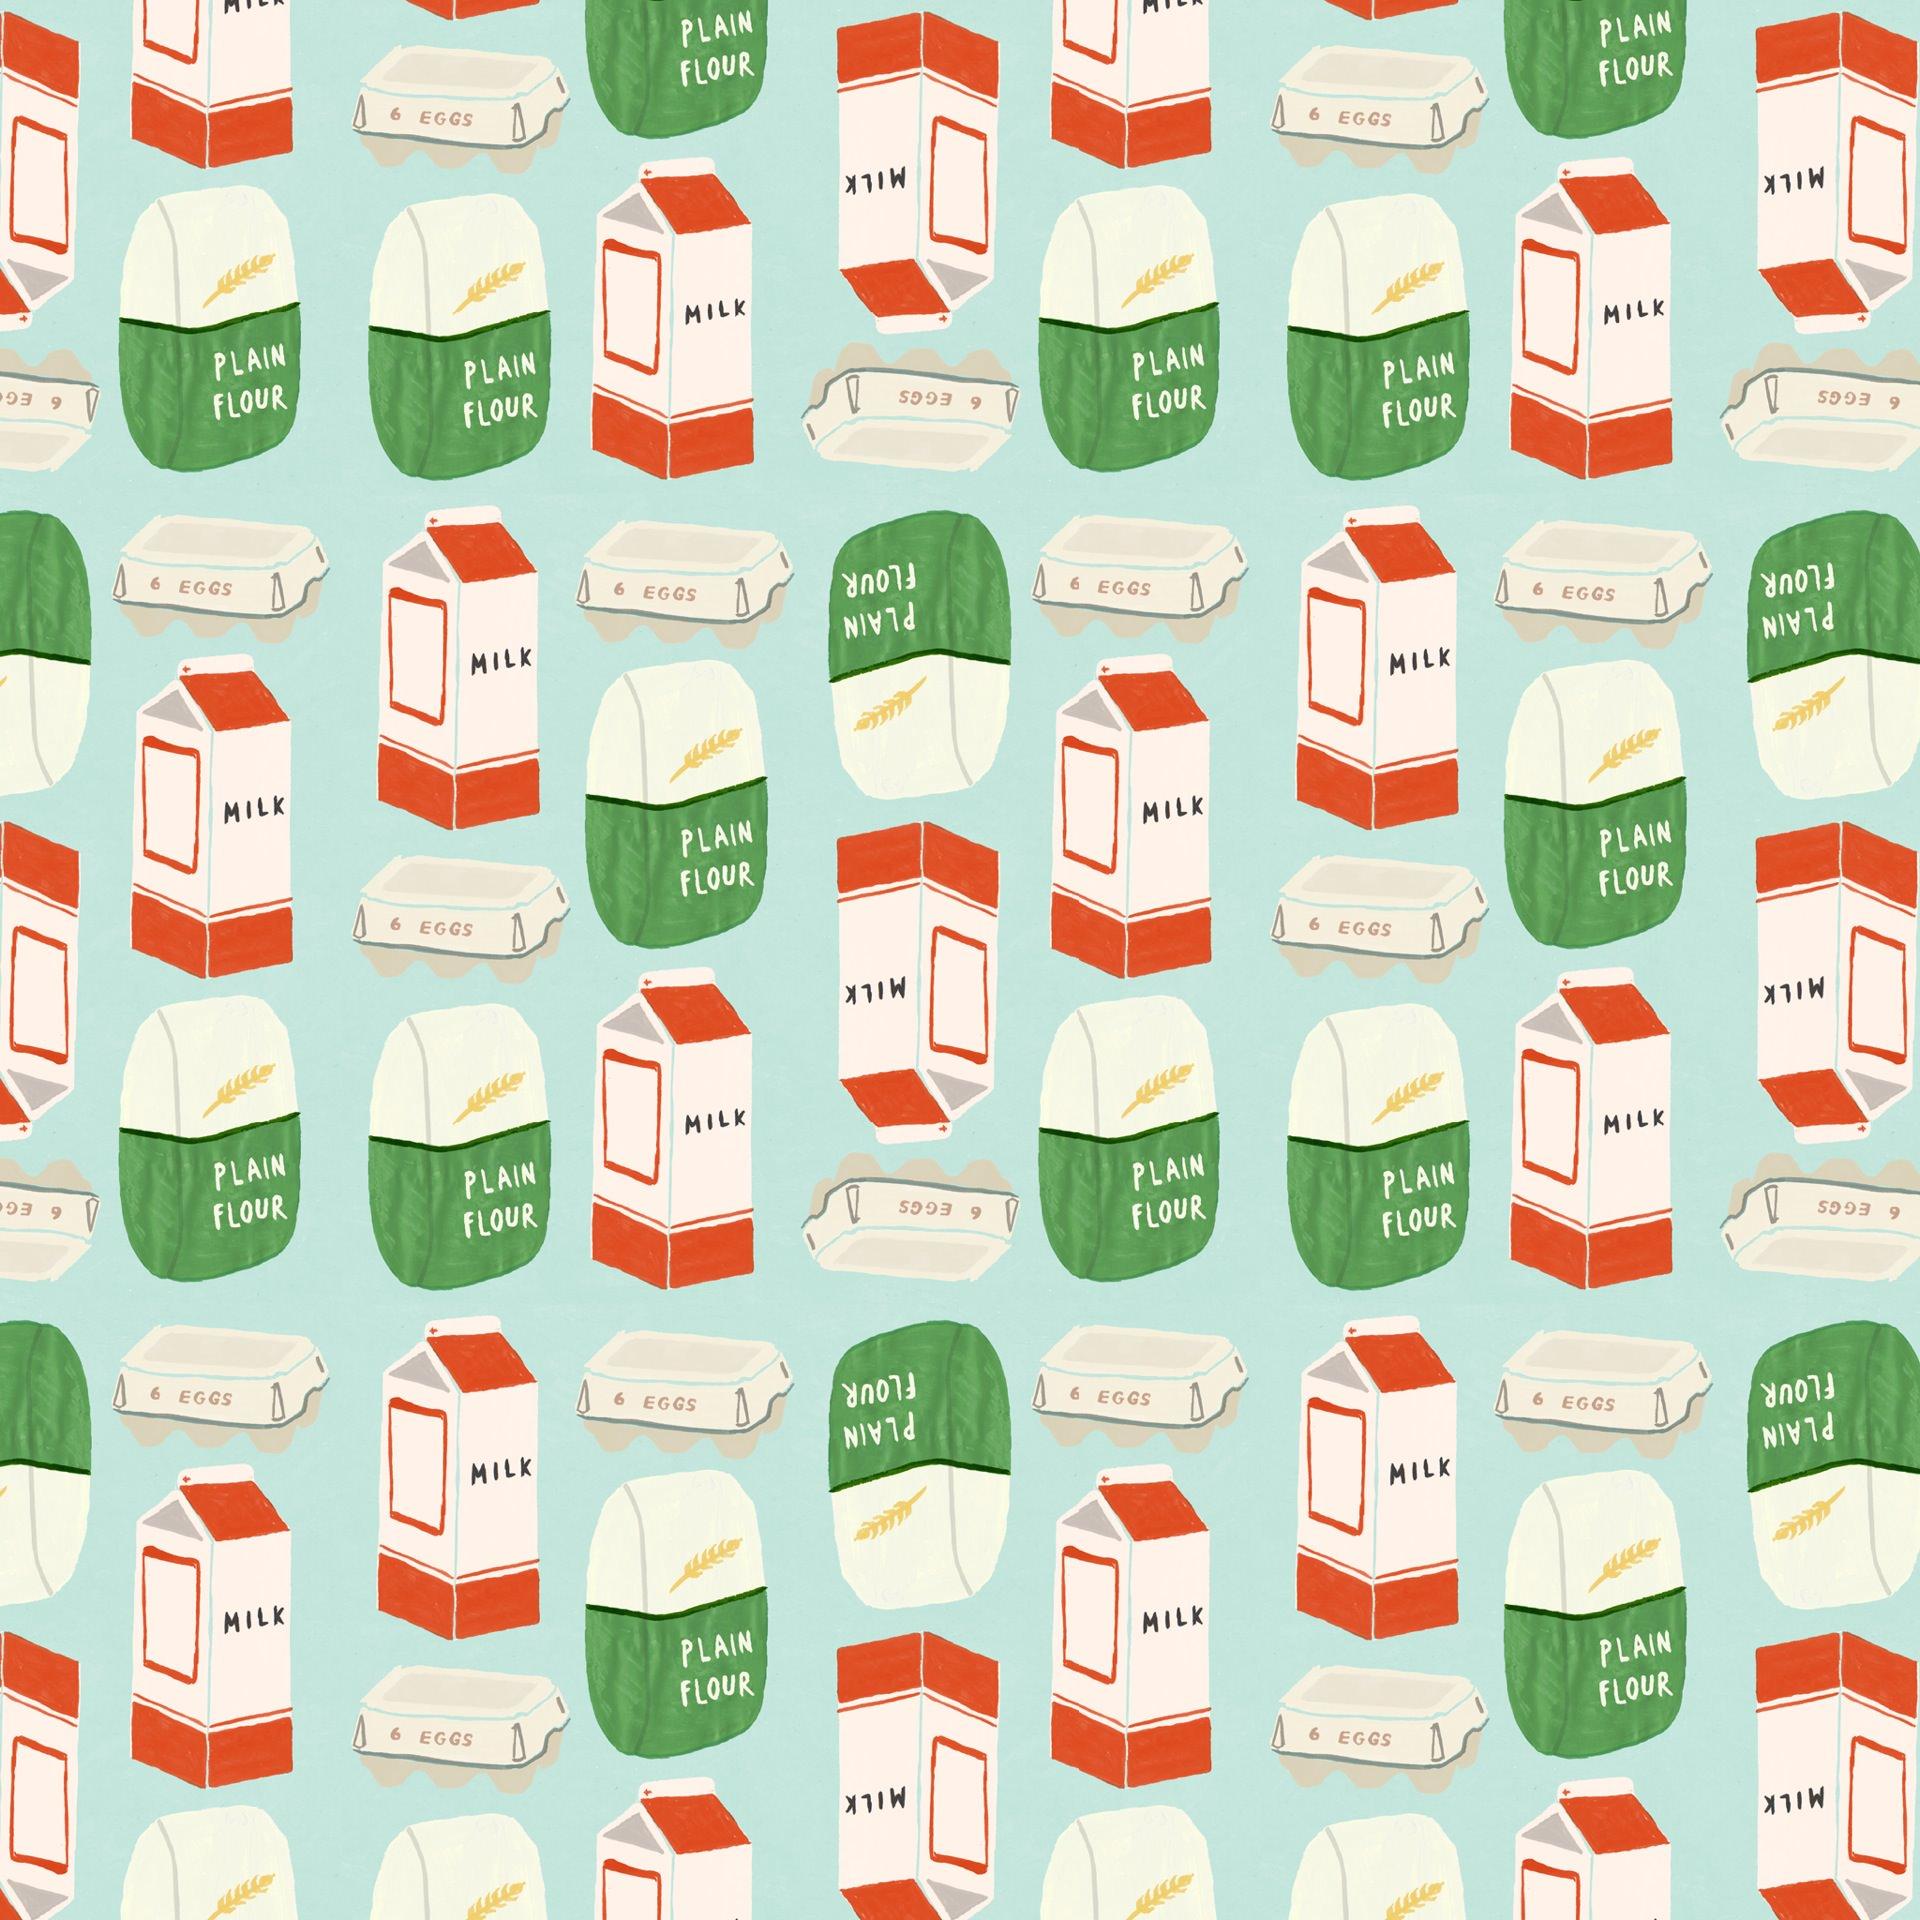 マリメッコ ミルクと小麦粉 Android壁紙